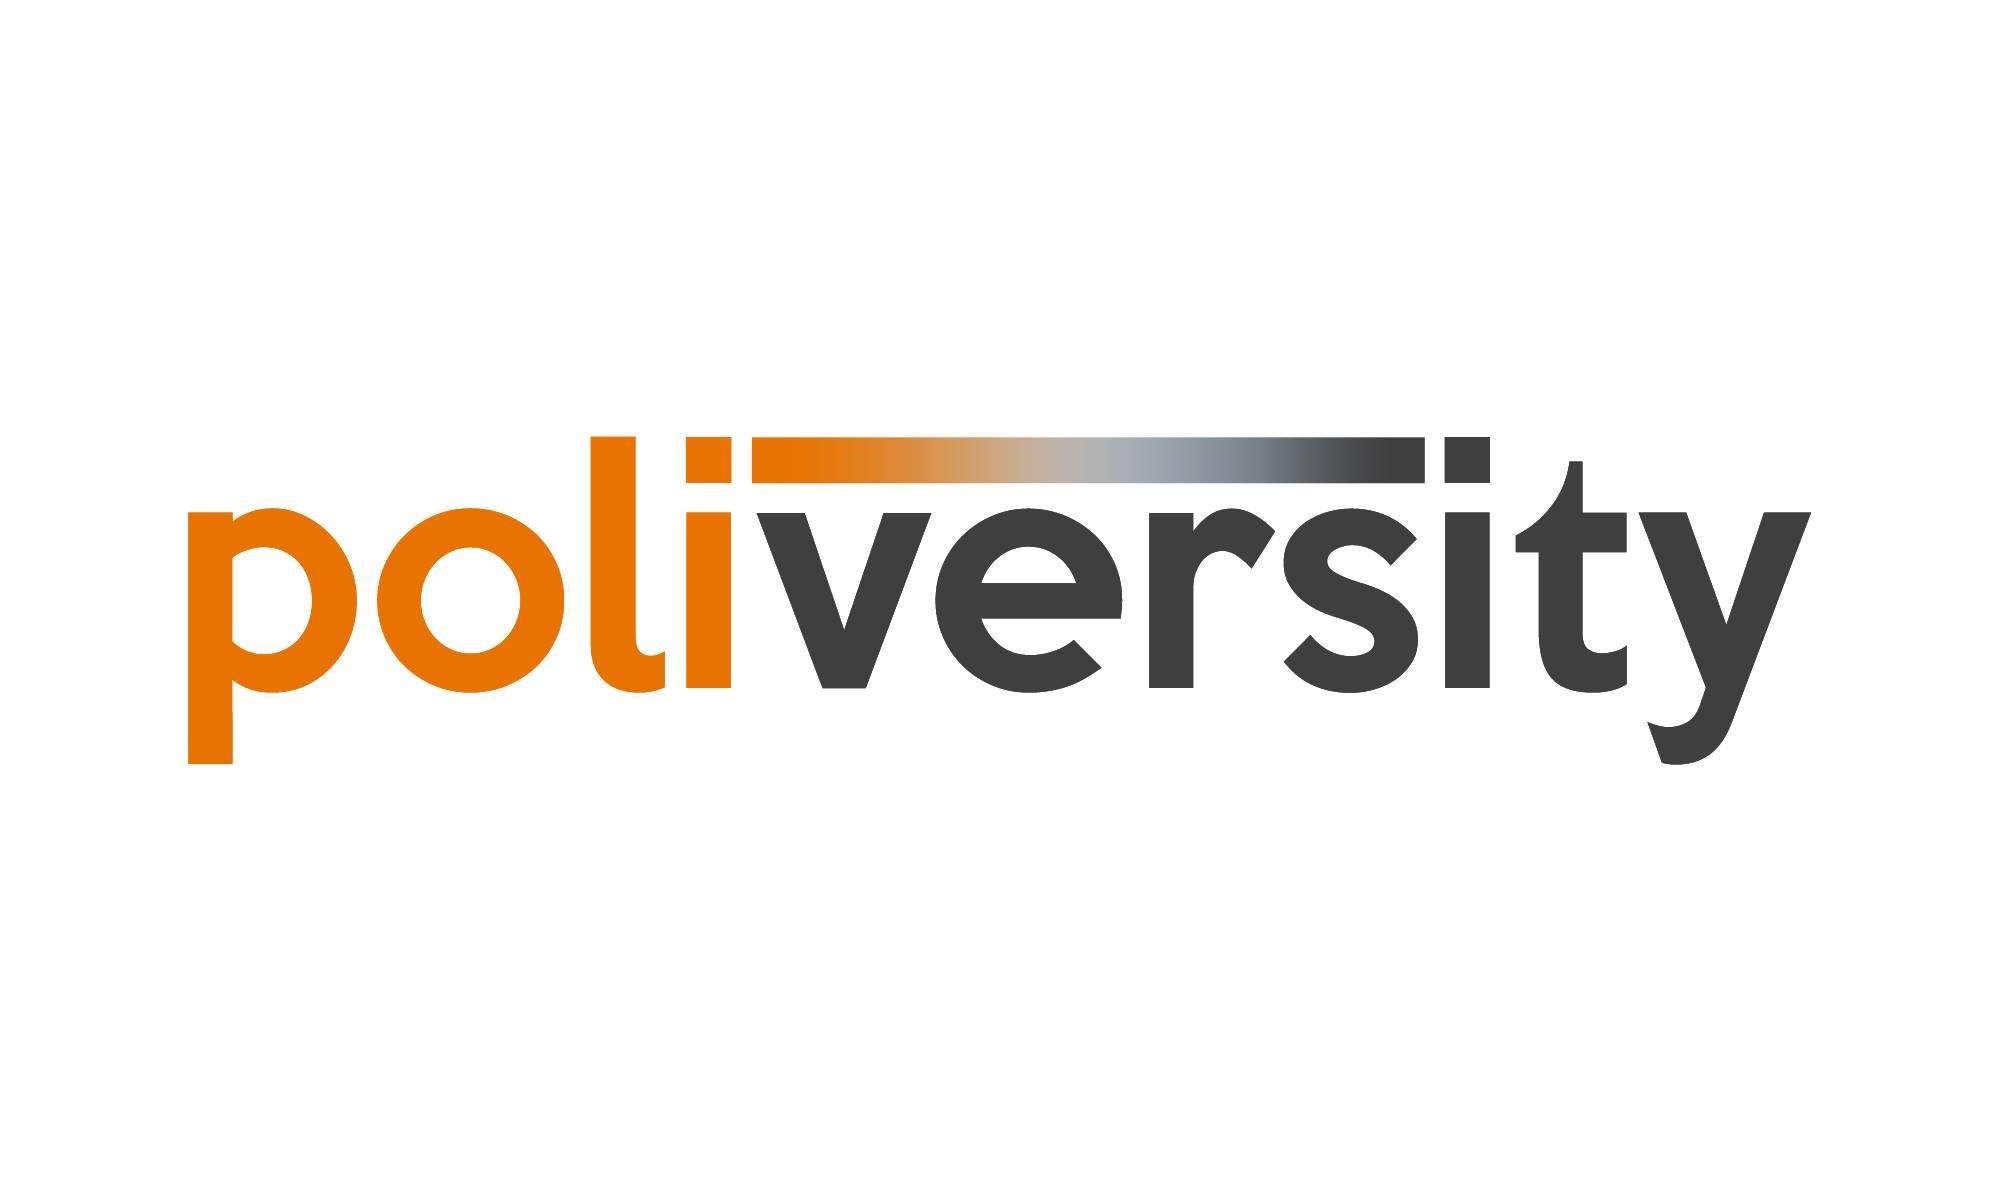 Poliversity logo